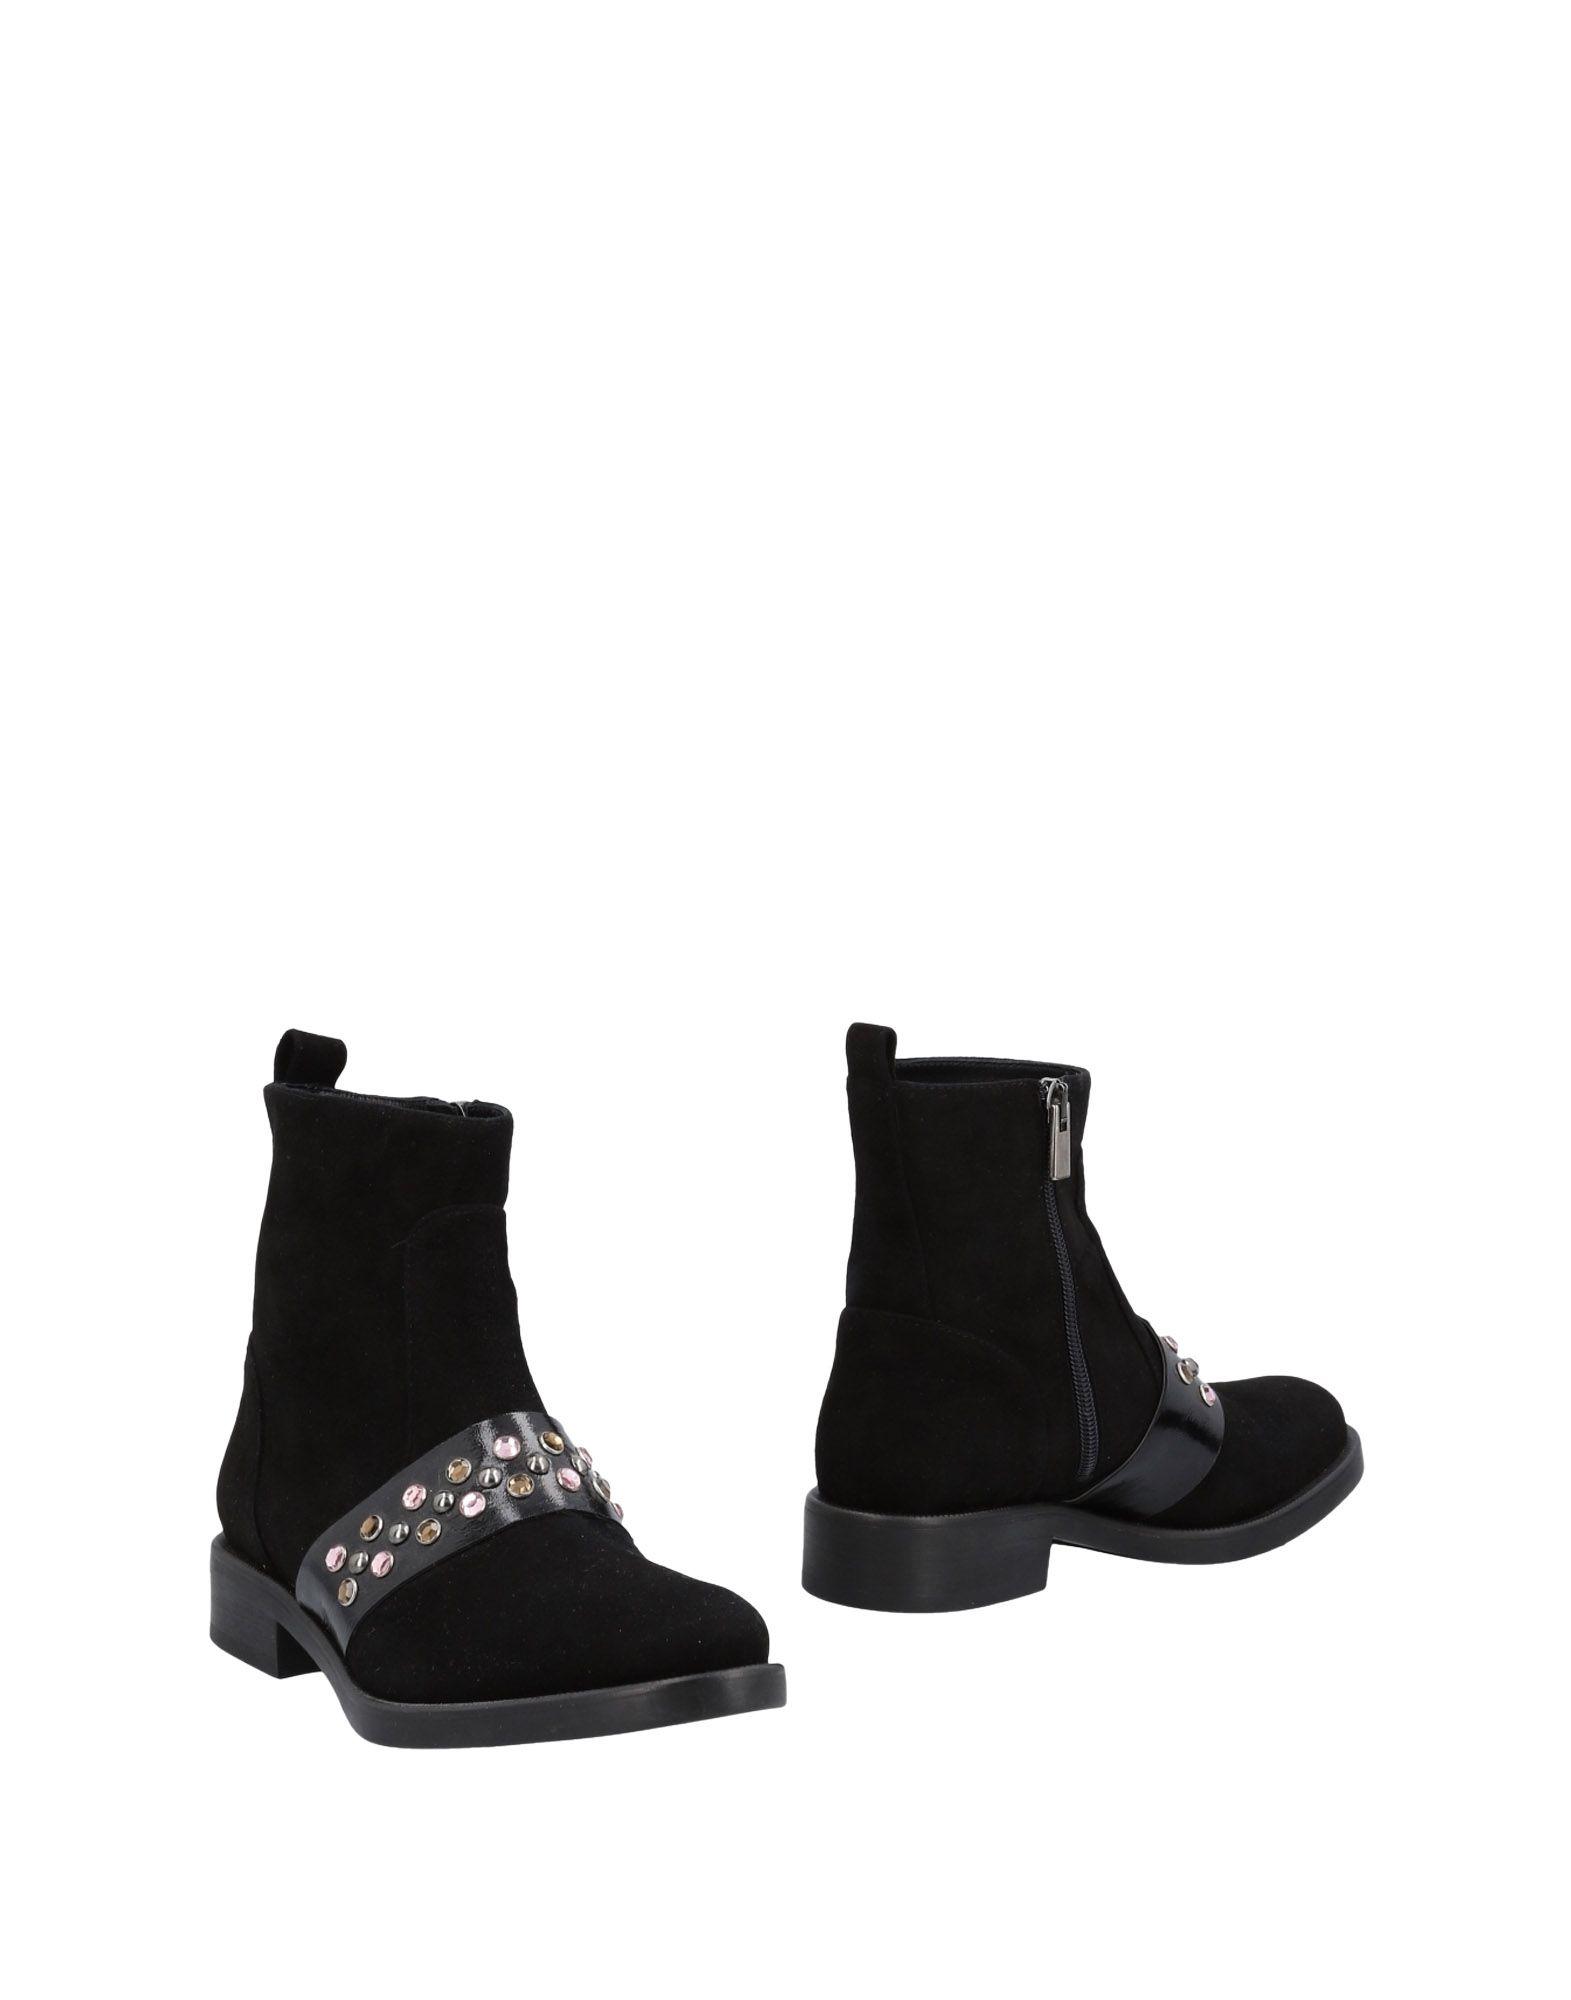 Todai Stiefelette Damen  11484370SS Gute Qualität beliebte Schuhe